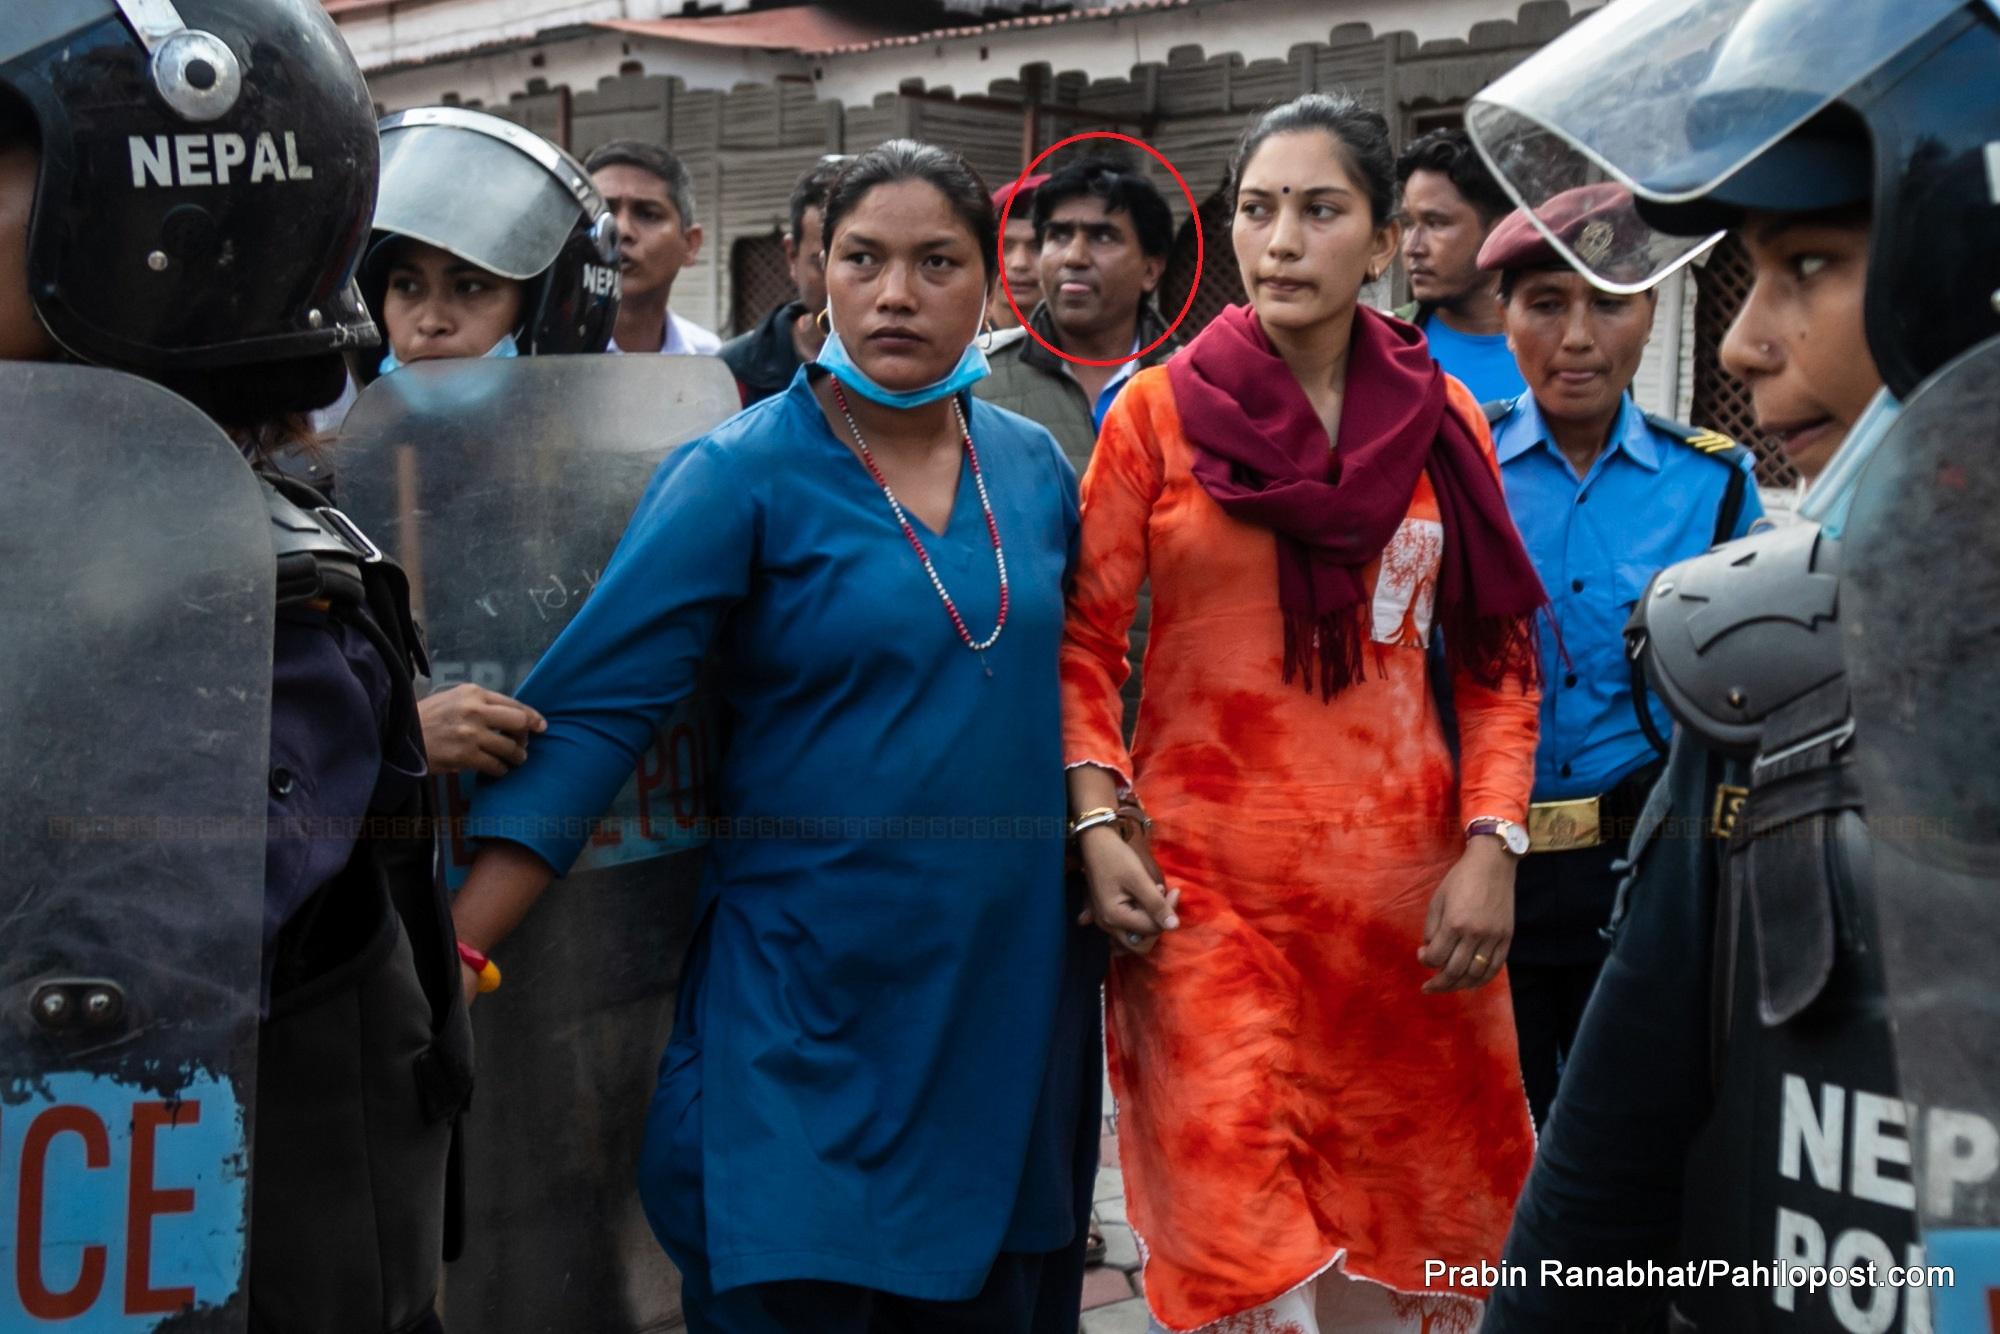 उत्तम सञ्जेलकी पत्नीसहित ३ जनासँग अदालतले माग्यो ३/३ लाख धरौटी, अब हिरासत बाहिरै बसेर मुद्दा लड्न पाउने